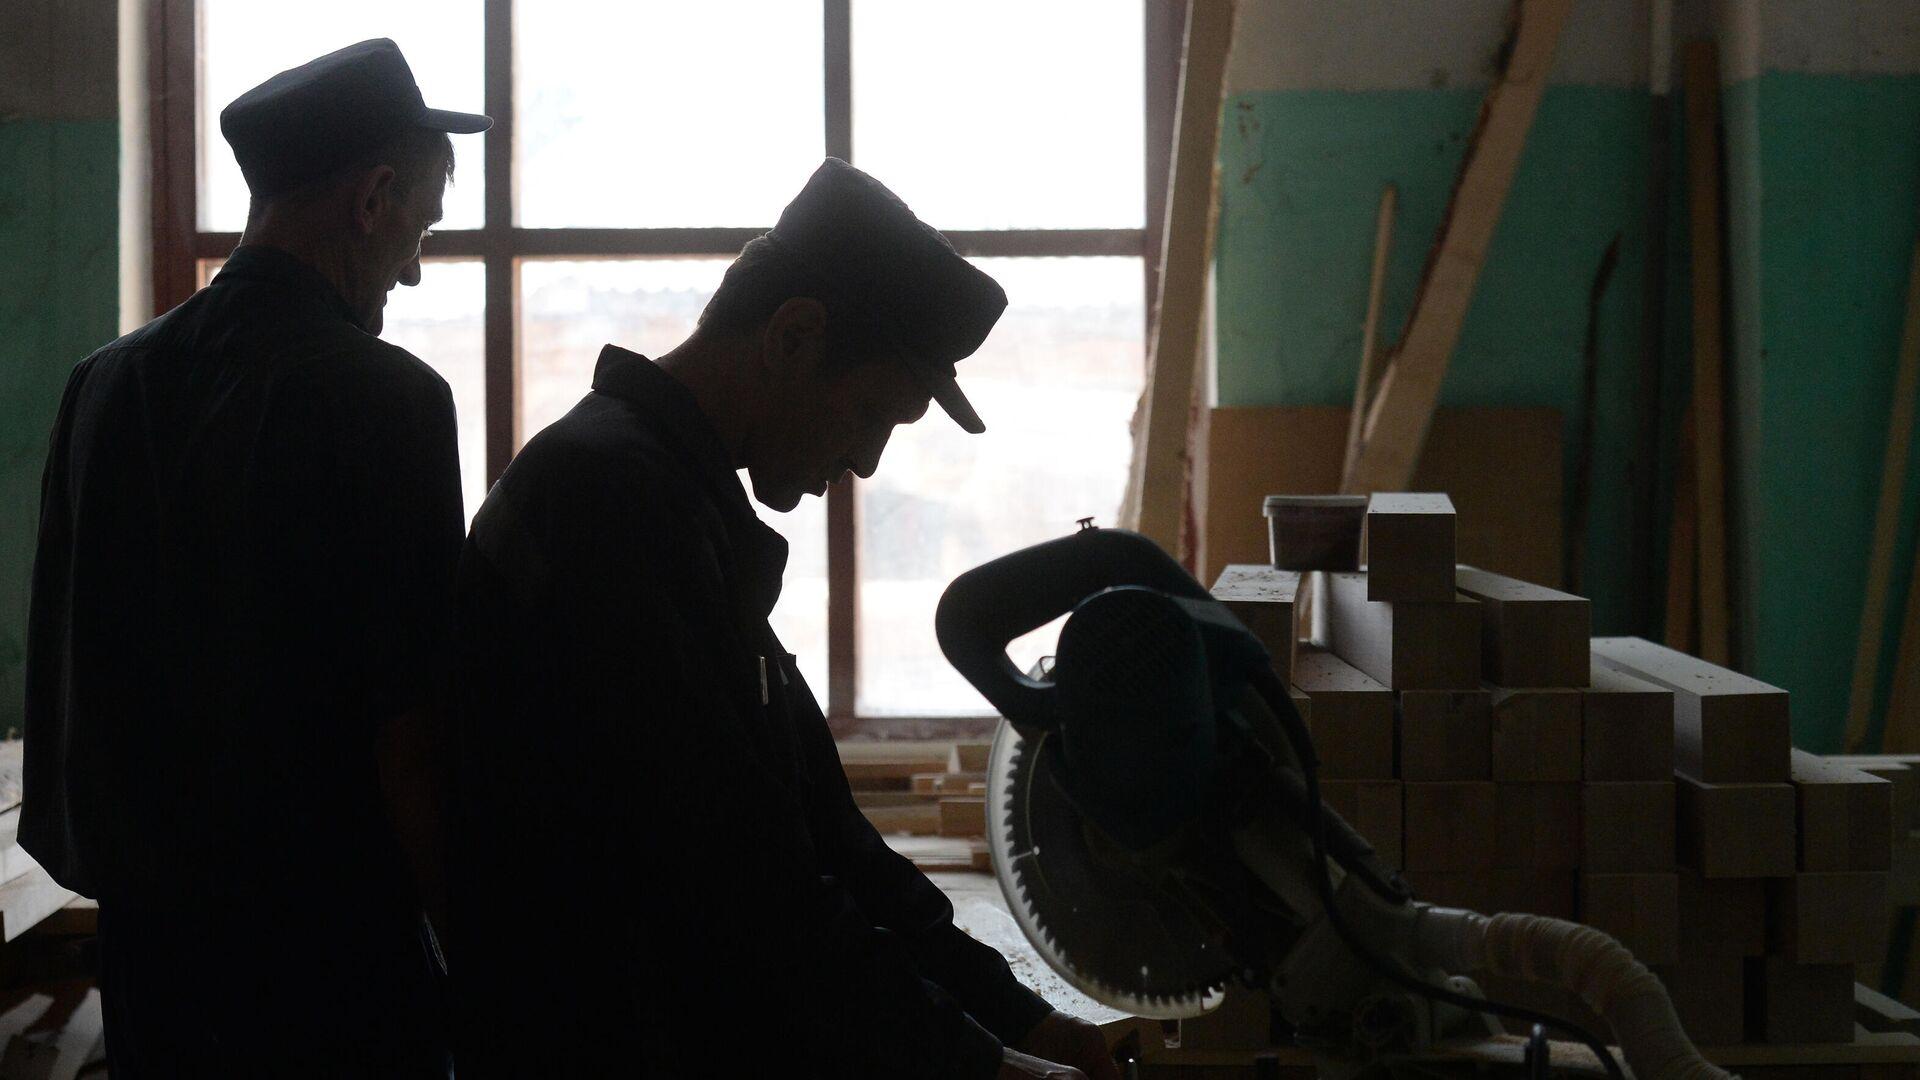 Заключенные работают в столярном цехе  - РИА Новости, 1920, 15.06.2021